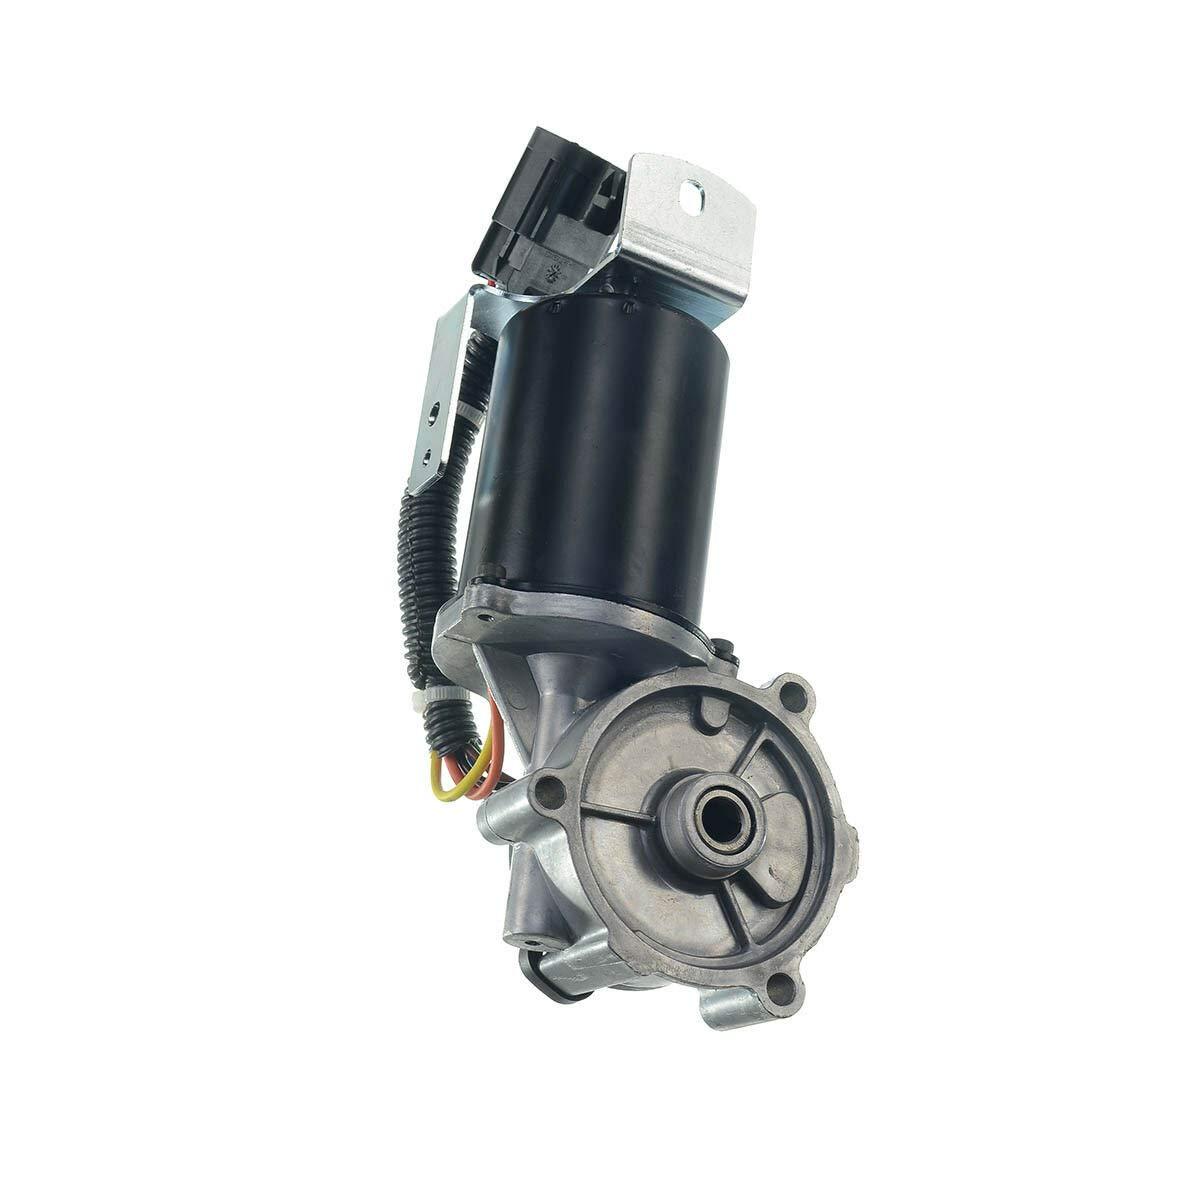 Transfer Case Motor for Cadillac Escalade Hummer H2 Chevrolet Silverado Suburban 1500 Tahoe GMC Yukon Ram